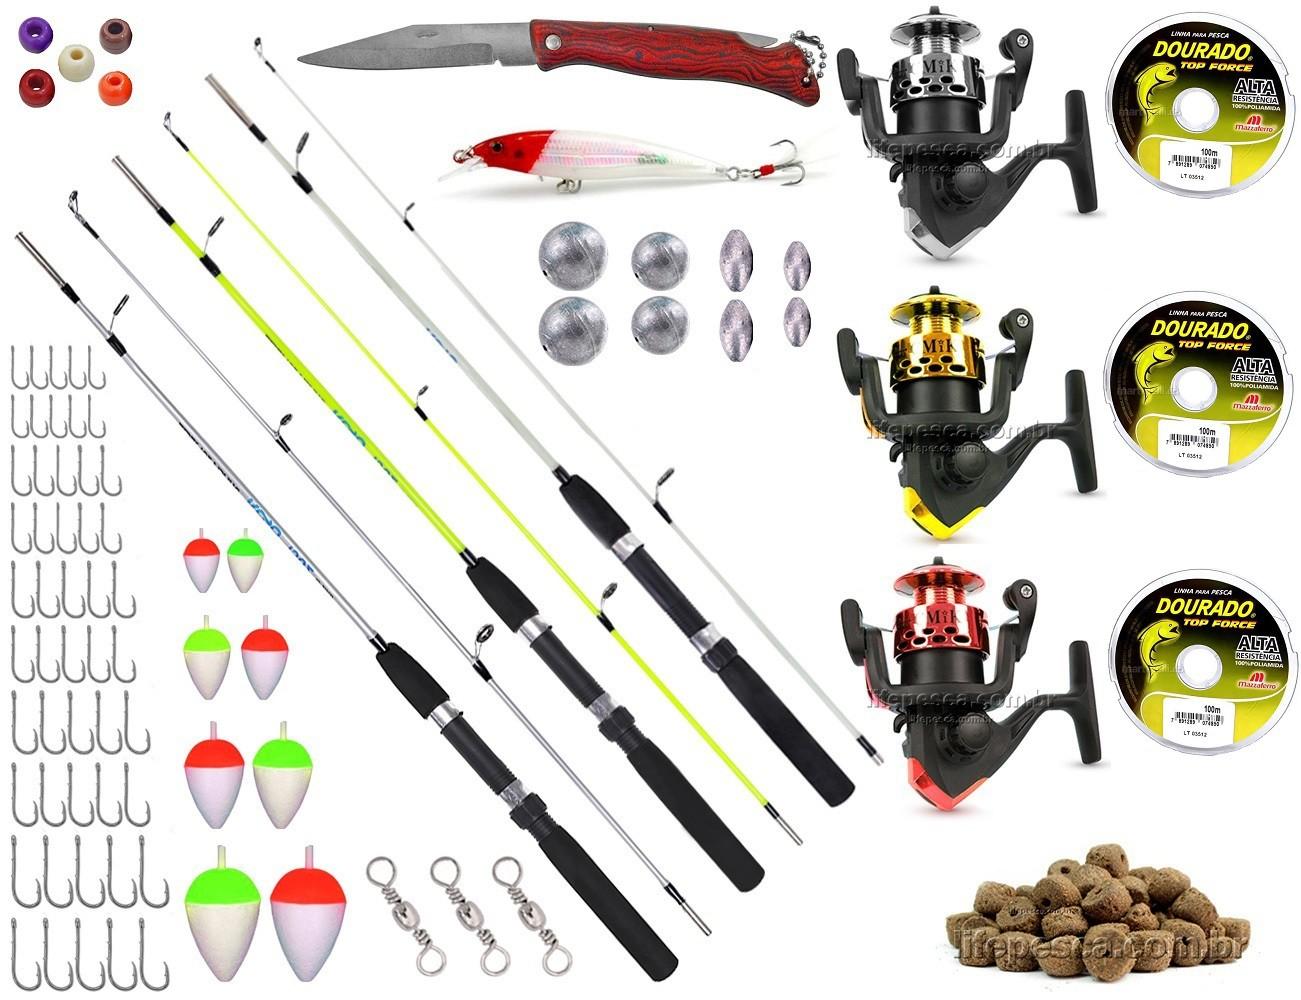 Kit De Pesca Completo 3 Varas 3 Molinetes C/ Acessórios (Ref. 02)